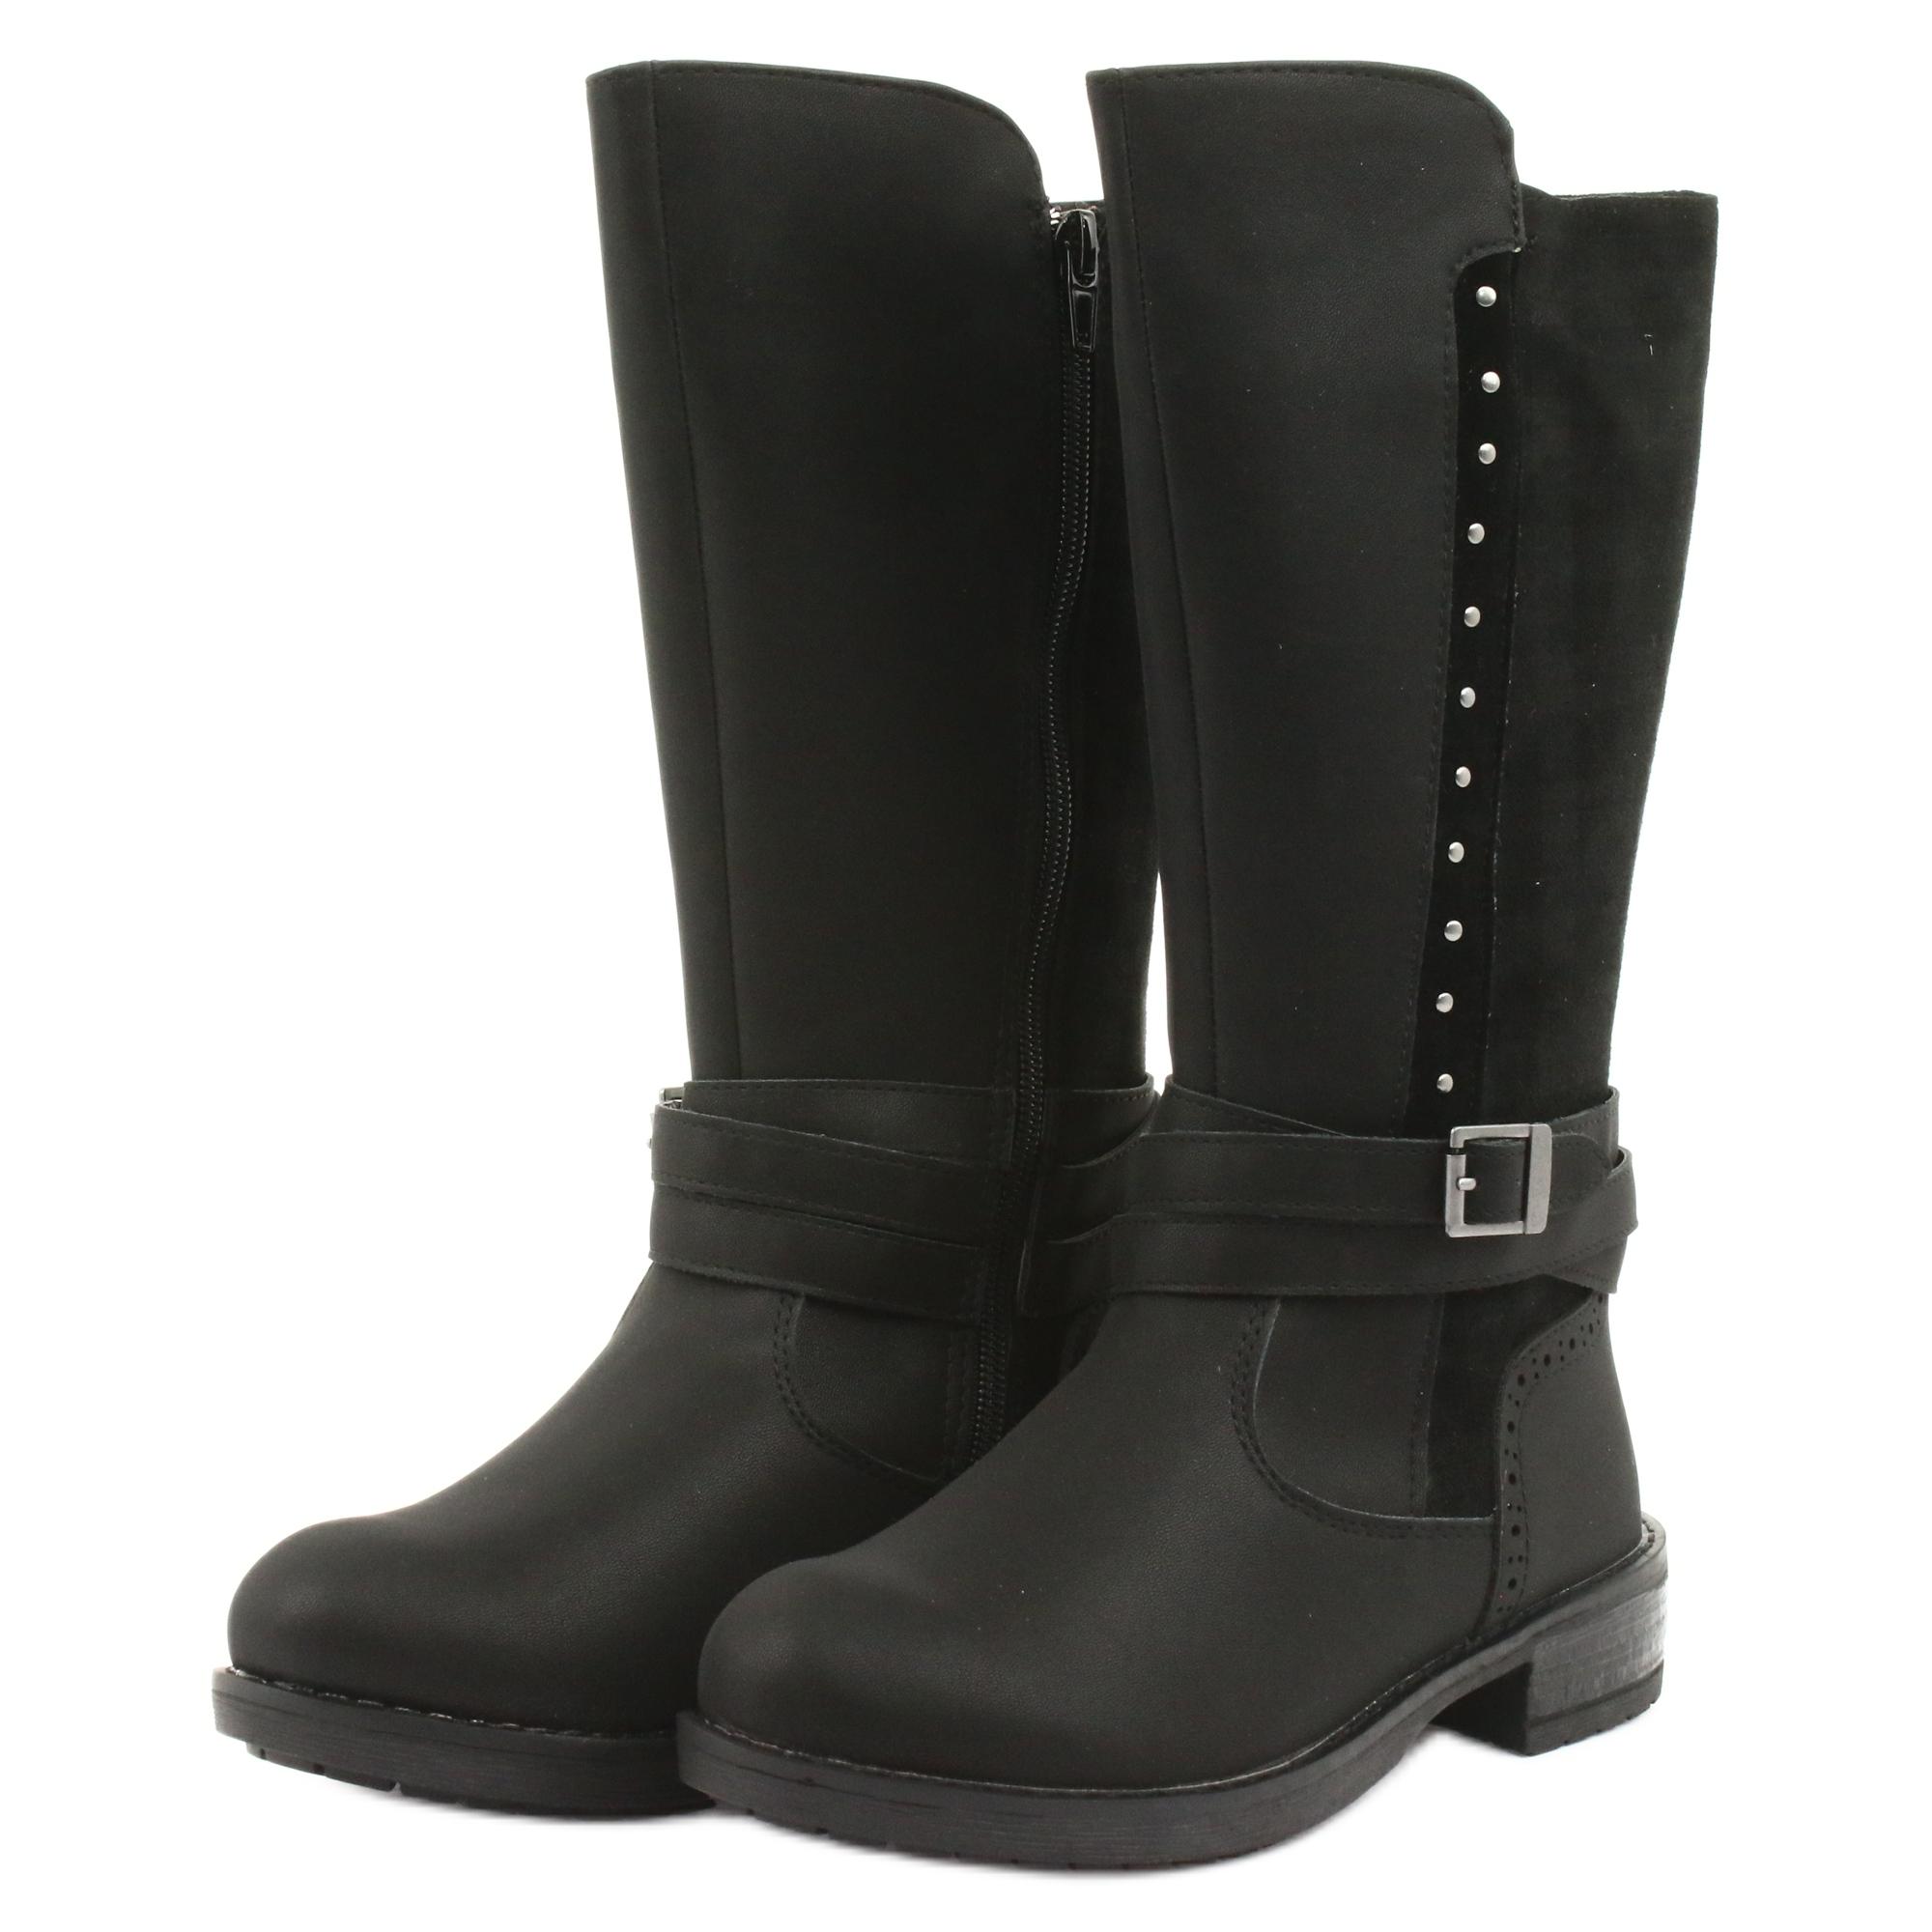 miniatura 4 - Stivali lunghi American Club GC31 con getti nero grigio